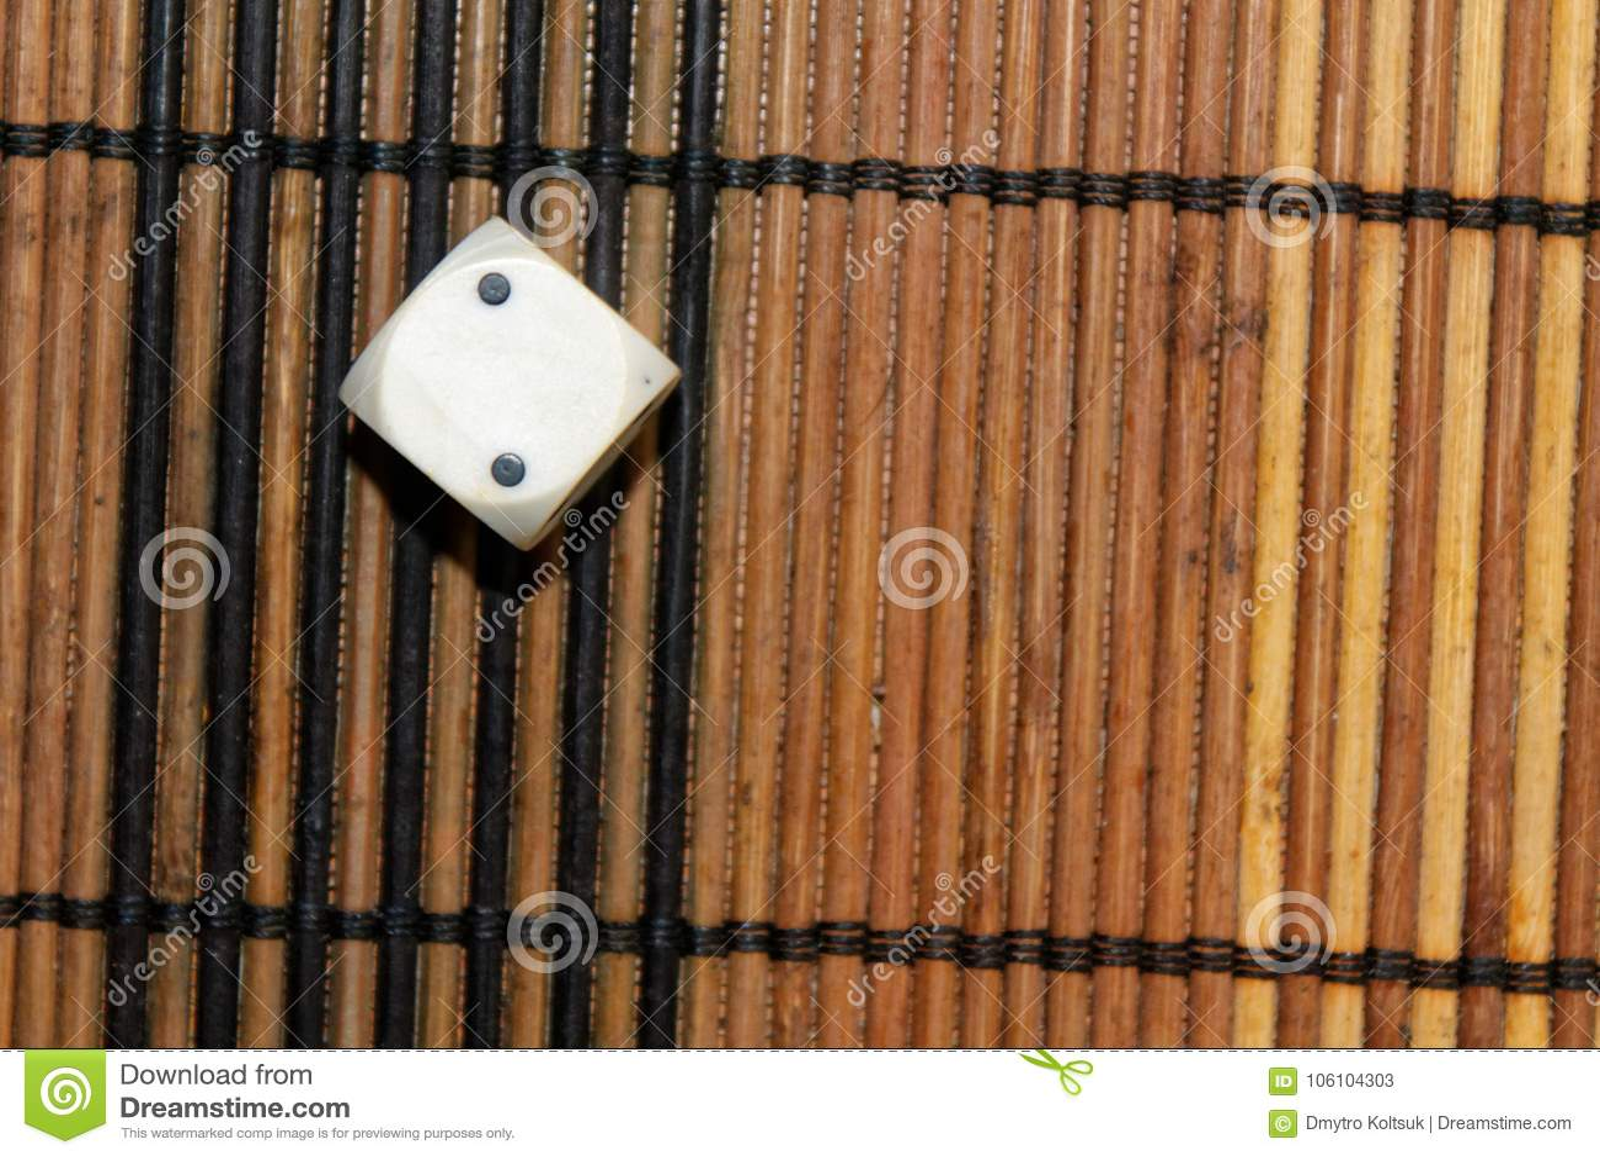 Ein weißer Plastikwürfel auf braunem Hintergrund des hölzernen Brettes Sechs Seitenwürfel mit schwarzen Flecken Nr. 2